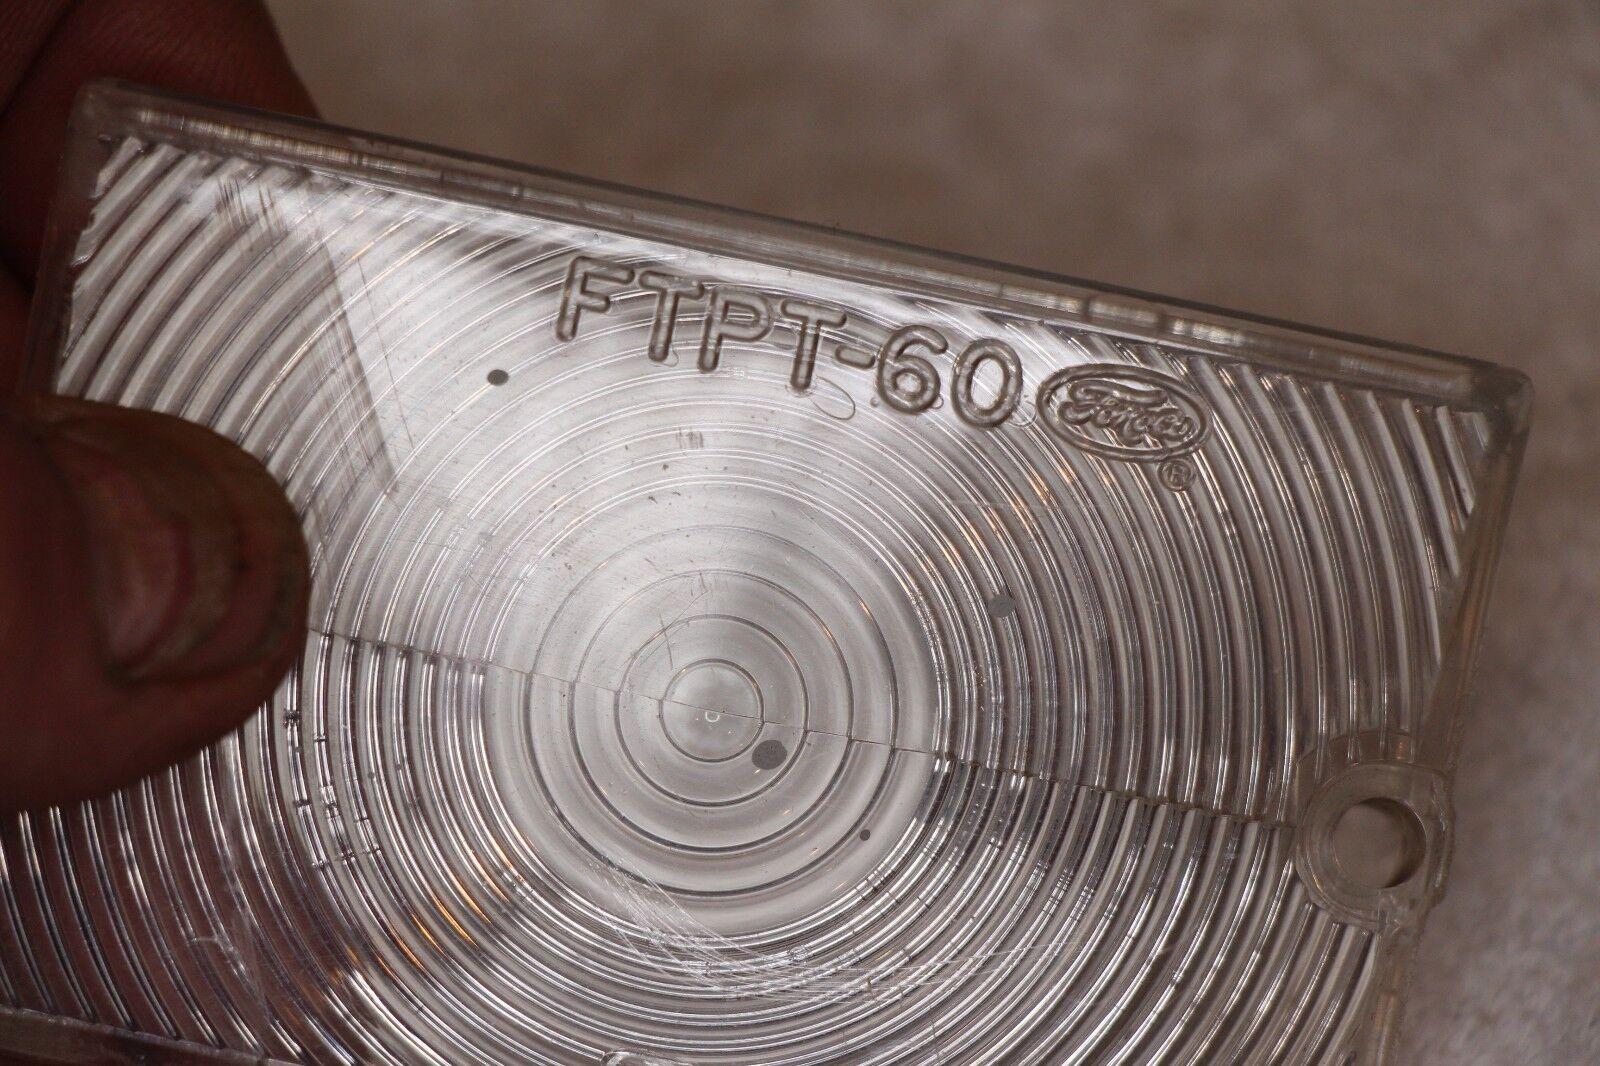 Genuine OEM 1960 Ford Falcon Parking Light Lens FTPT-60